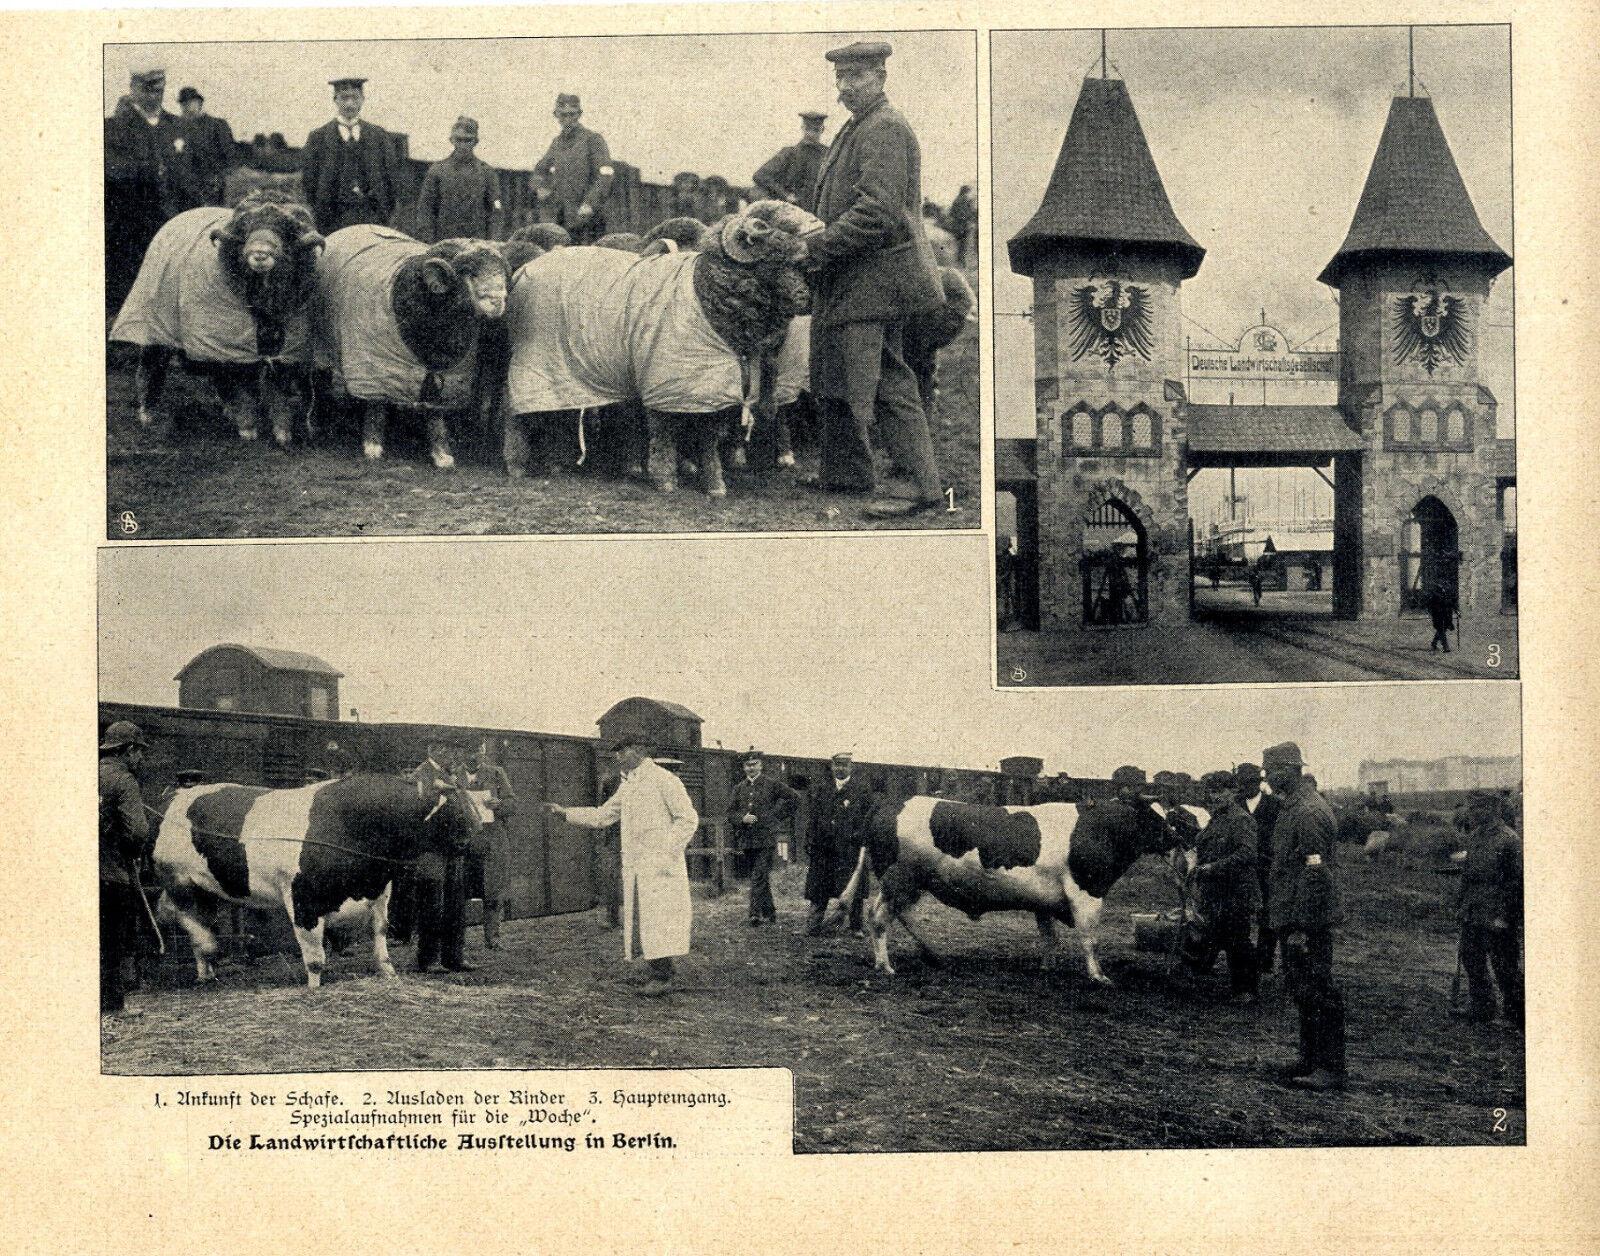 Die Landwirtschaftliche Ausstellung in Berlin Haupteingang Tierzucht v. 1906